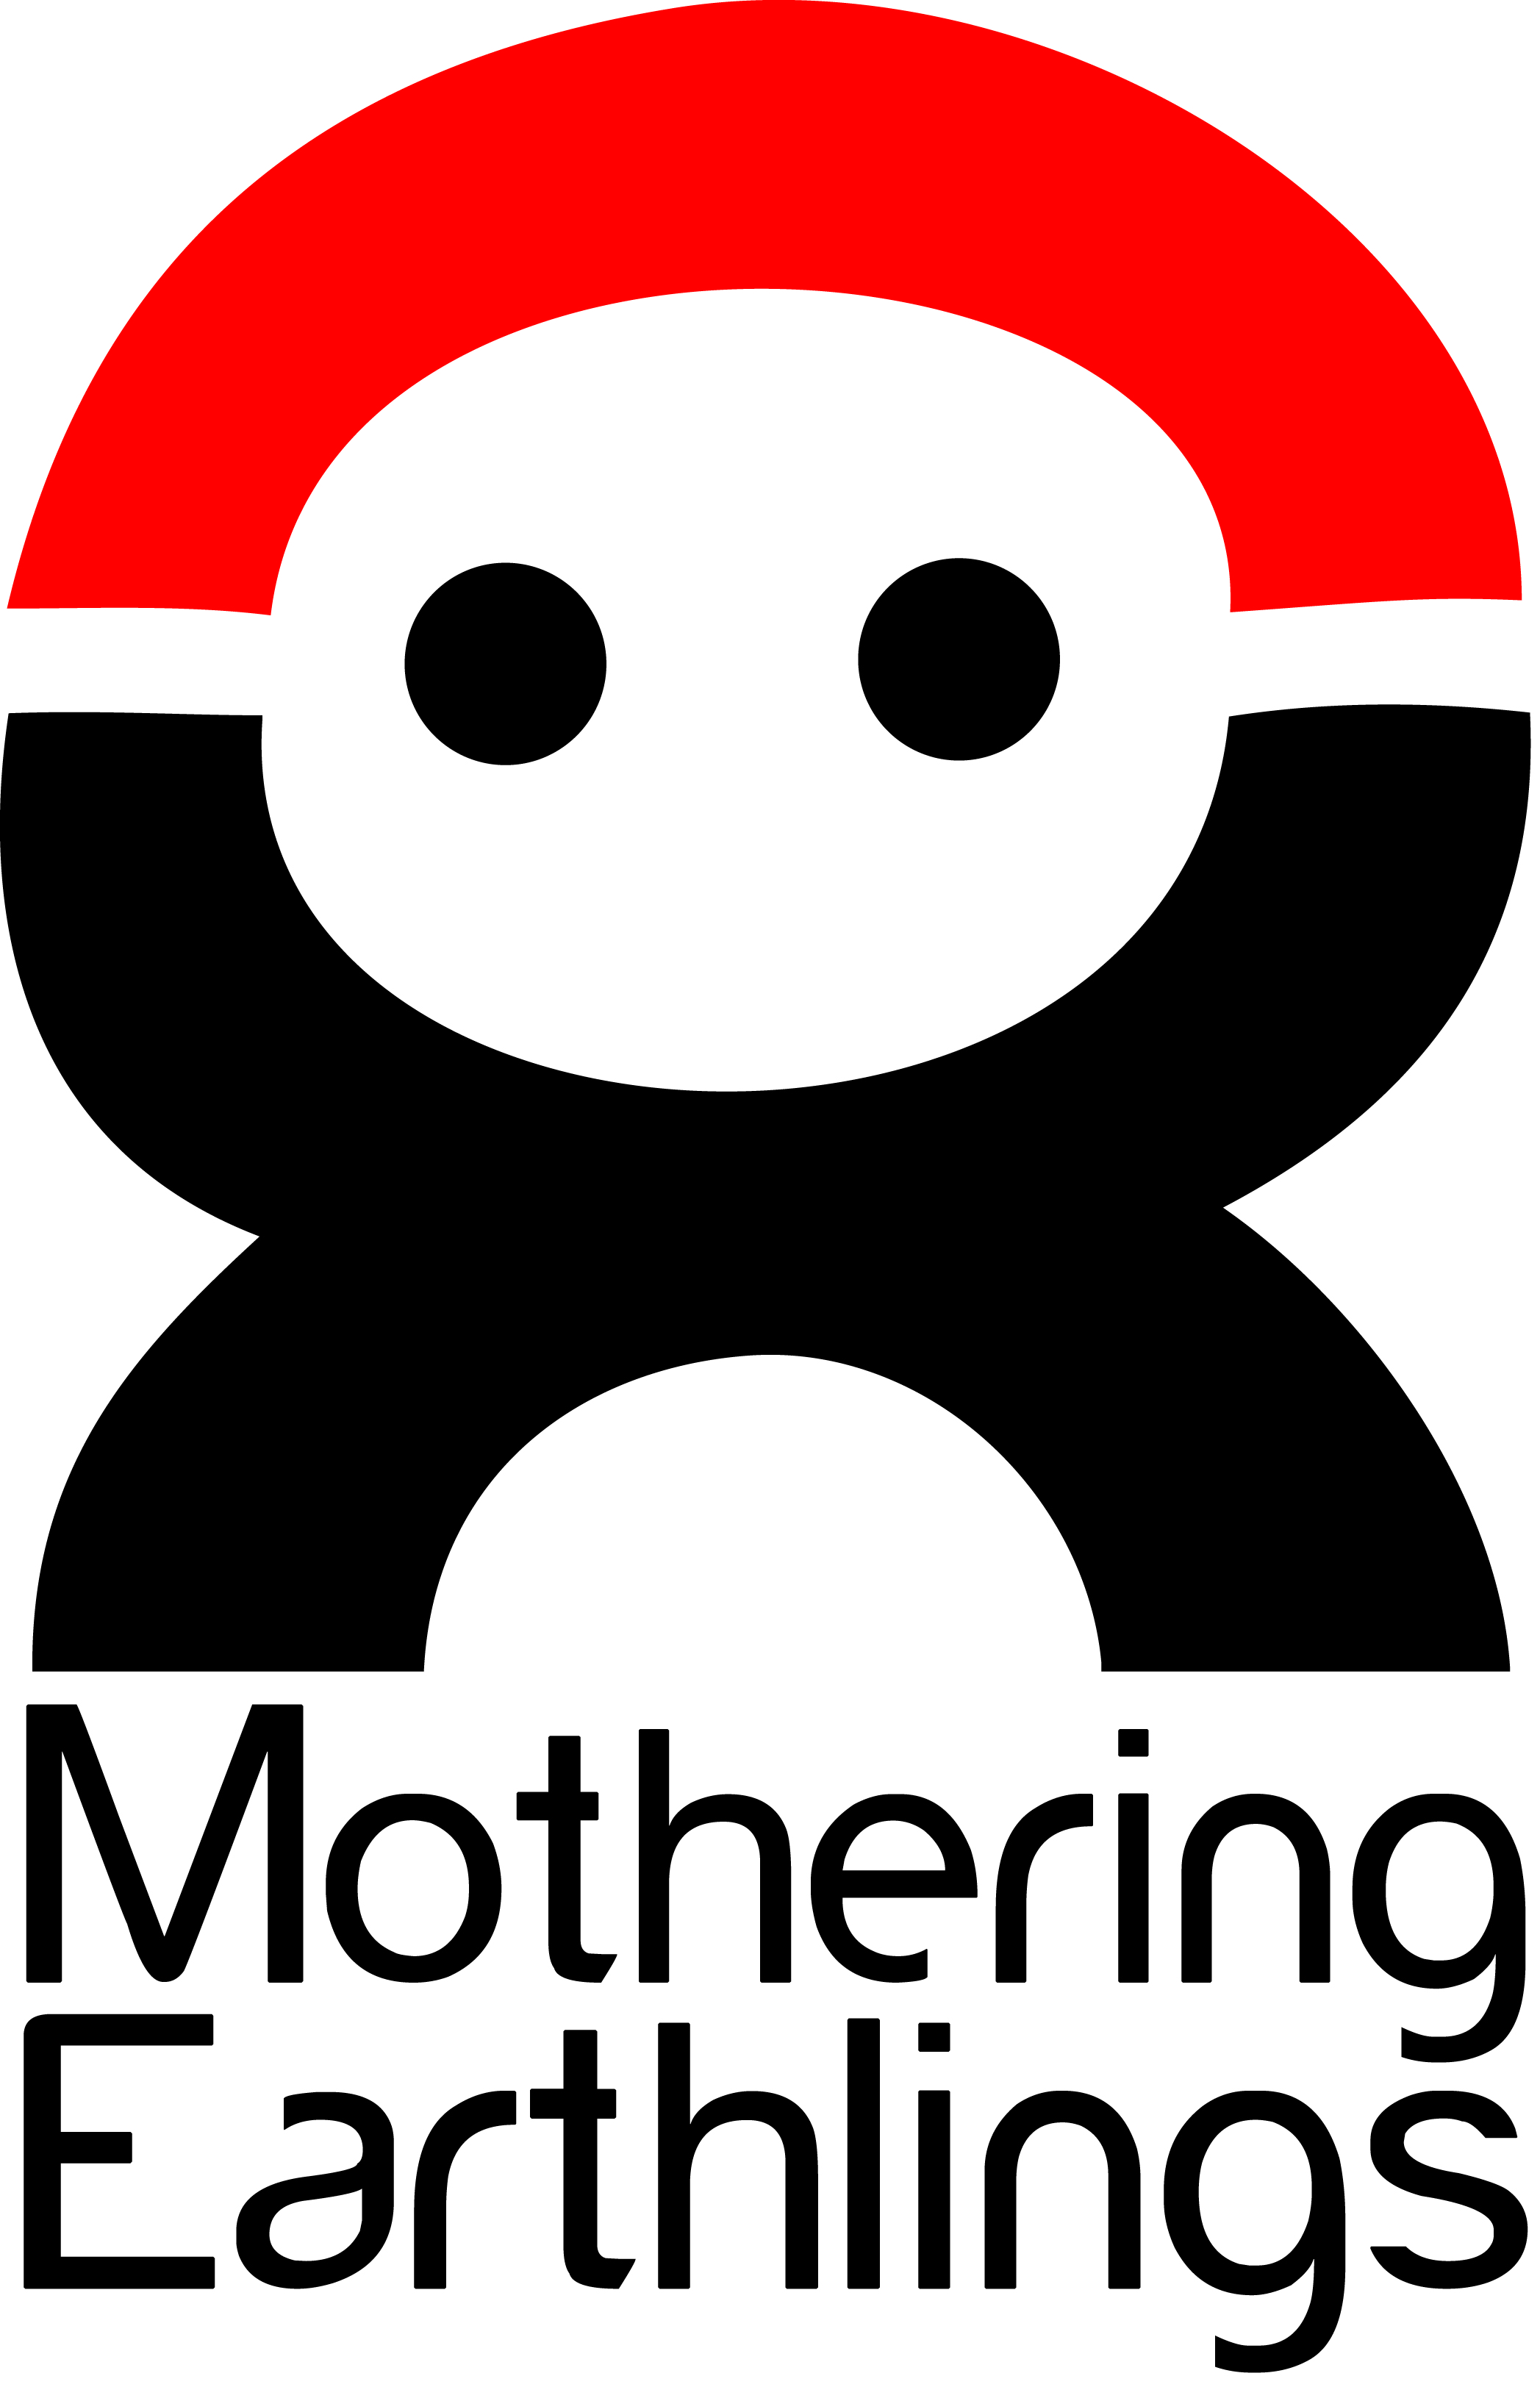 MotheringEarthlings-txtunder-red&black-.jpg